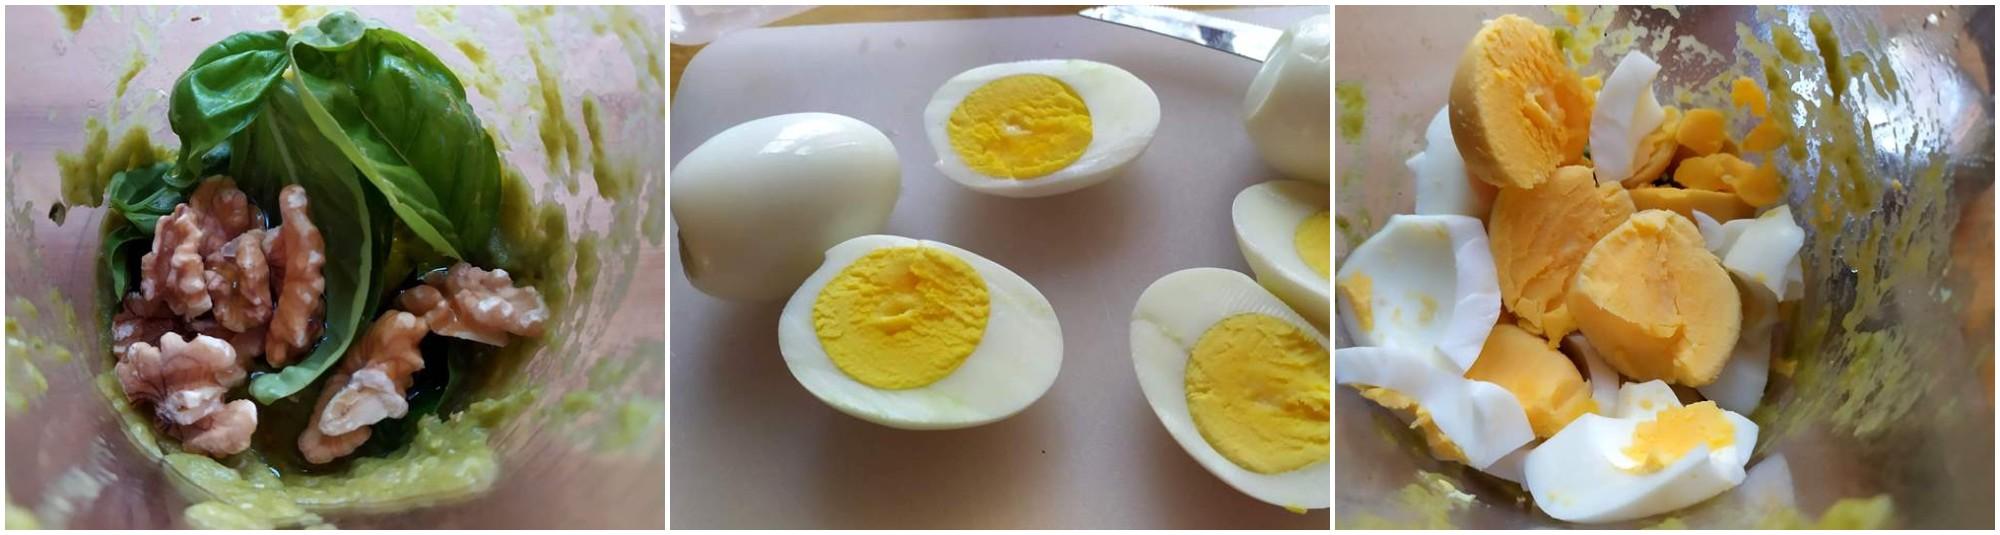 Uova ripiene con crema di friggitelli